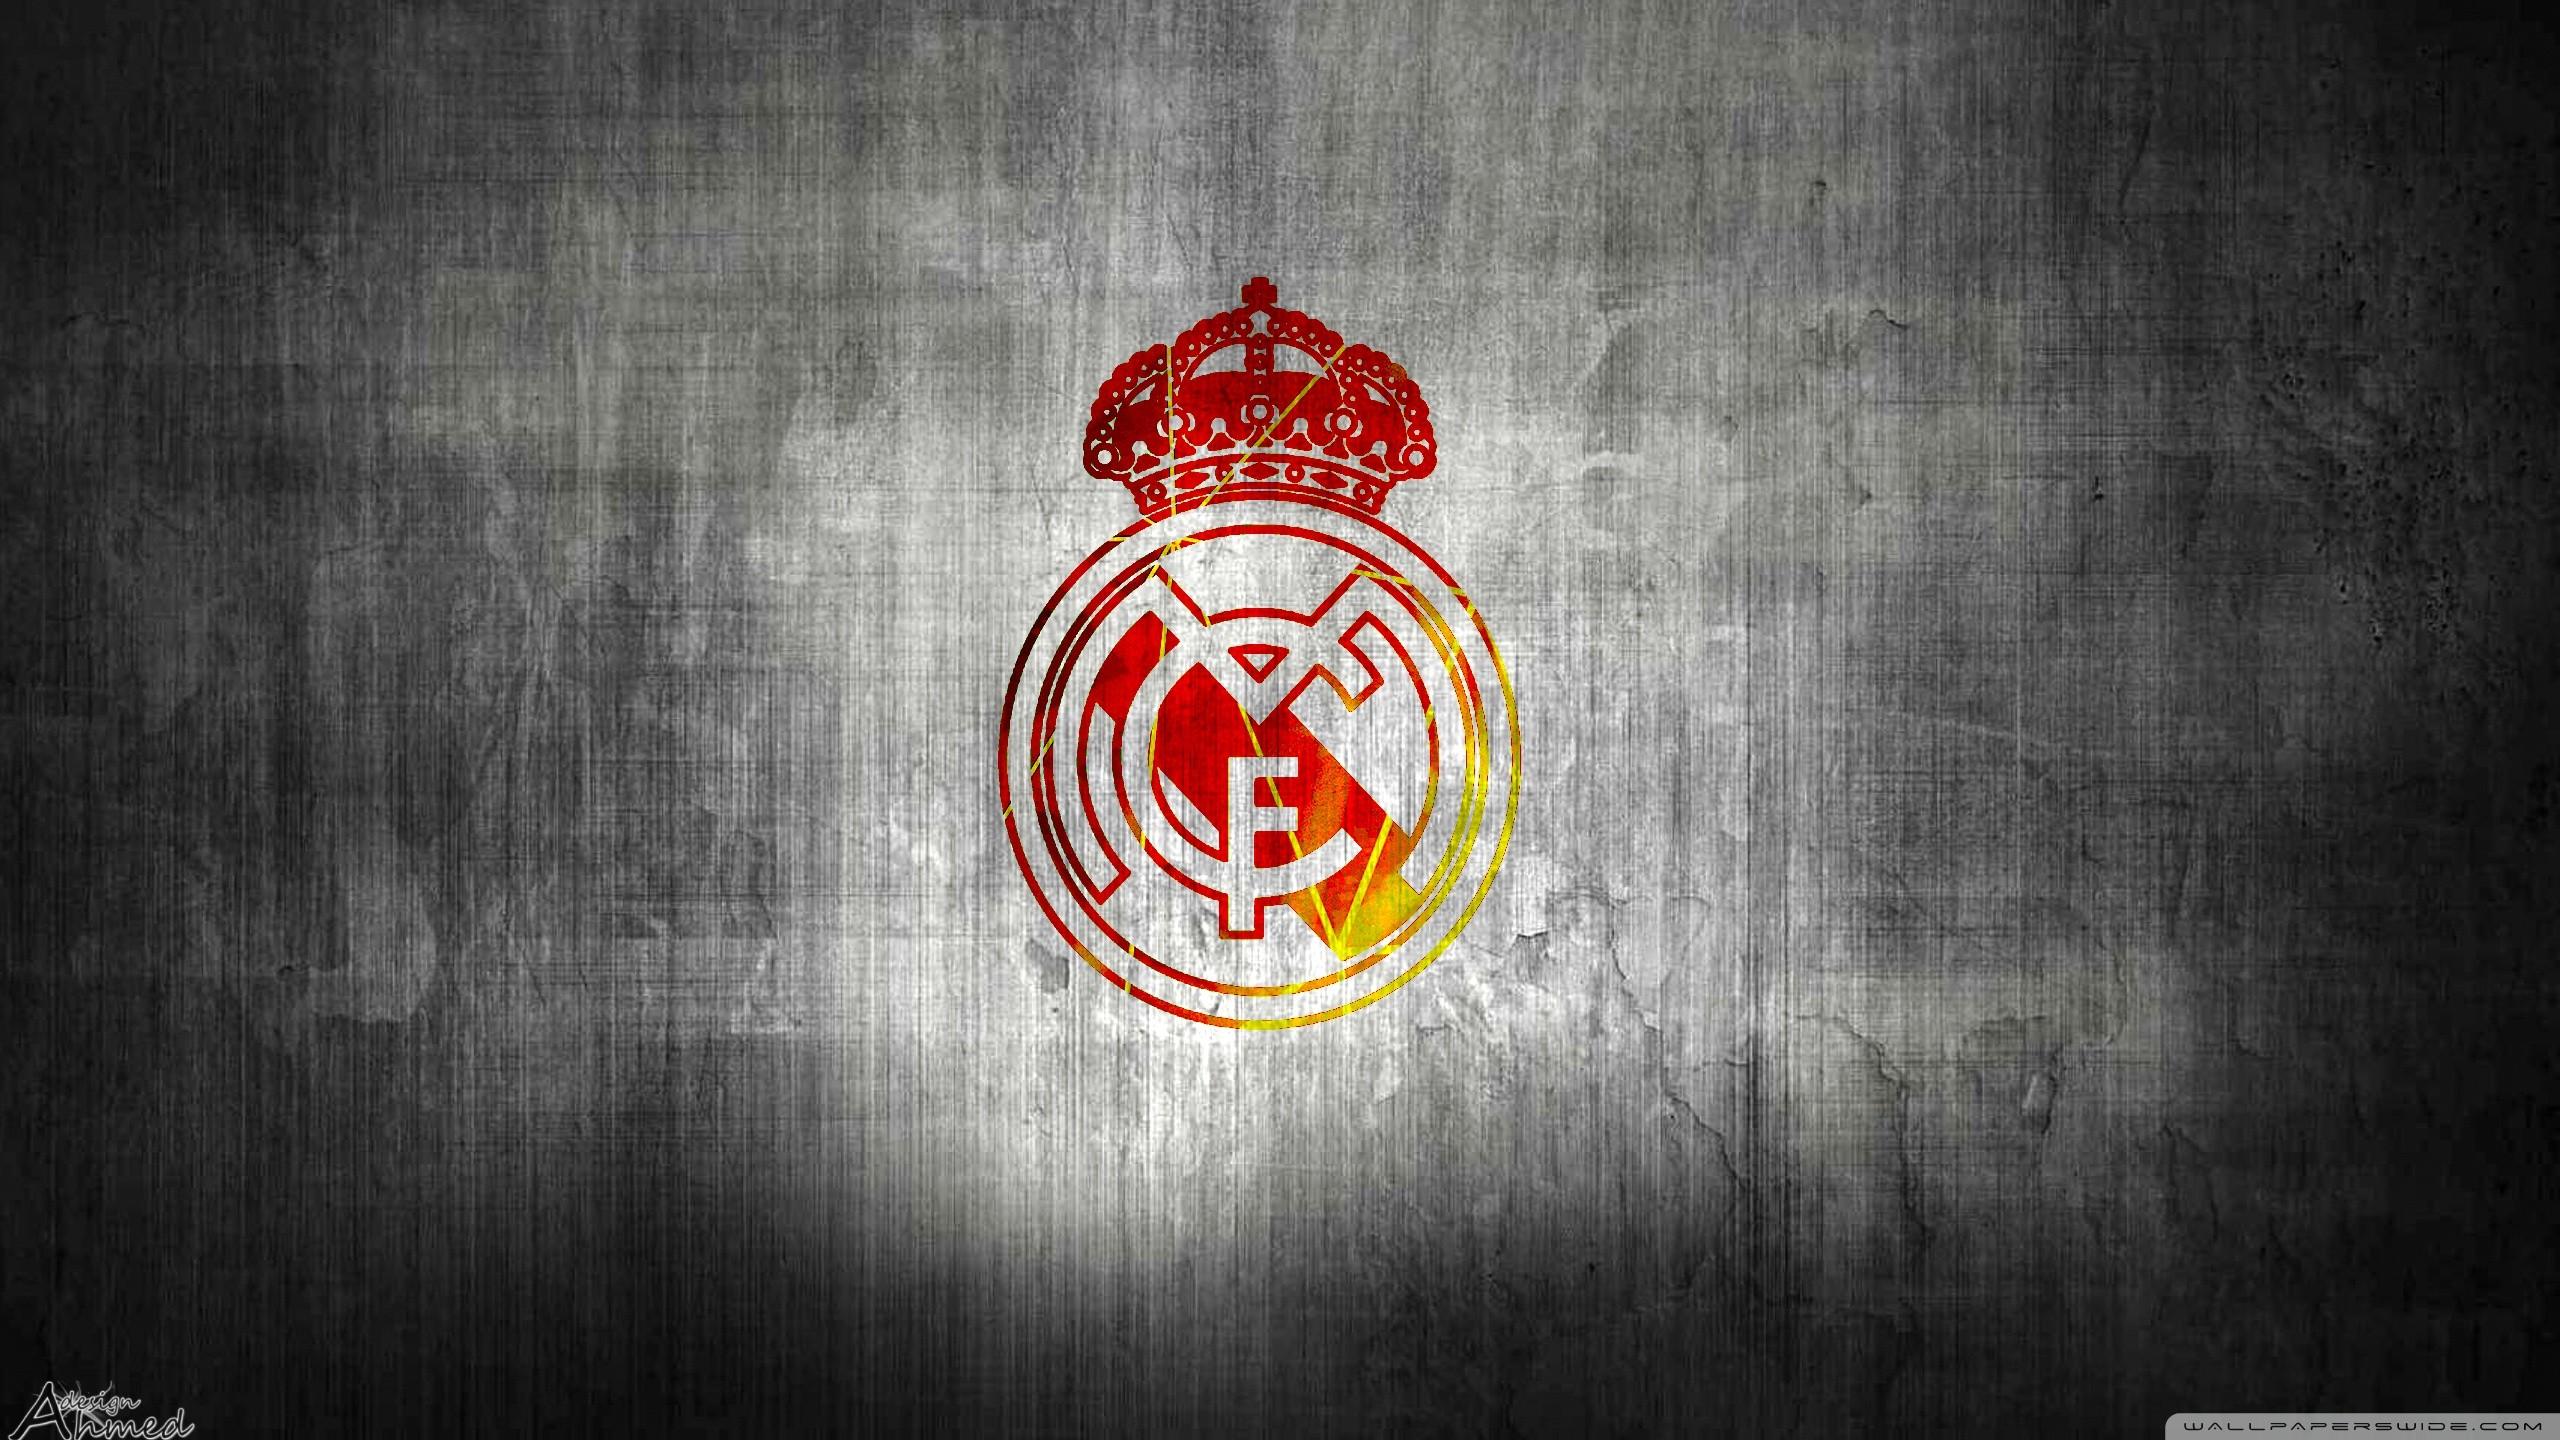 Wallpaper of D Emblem Logo Real Madrid occer background